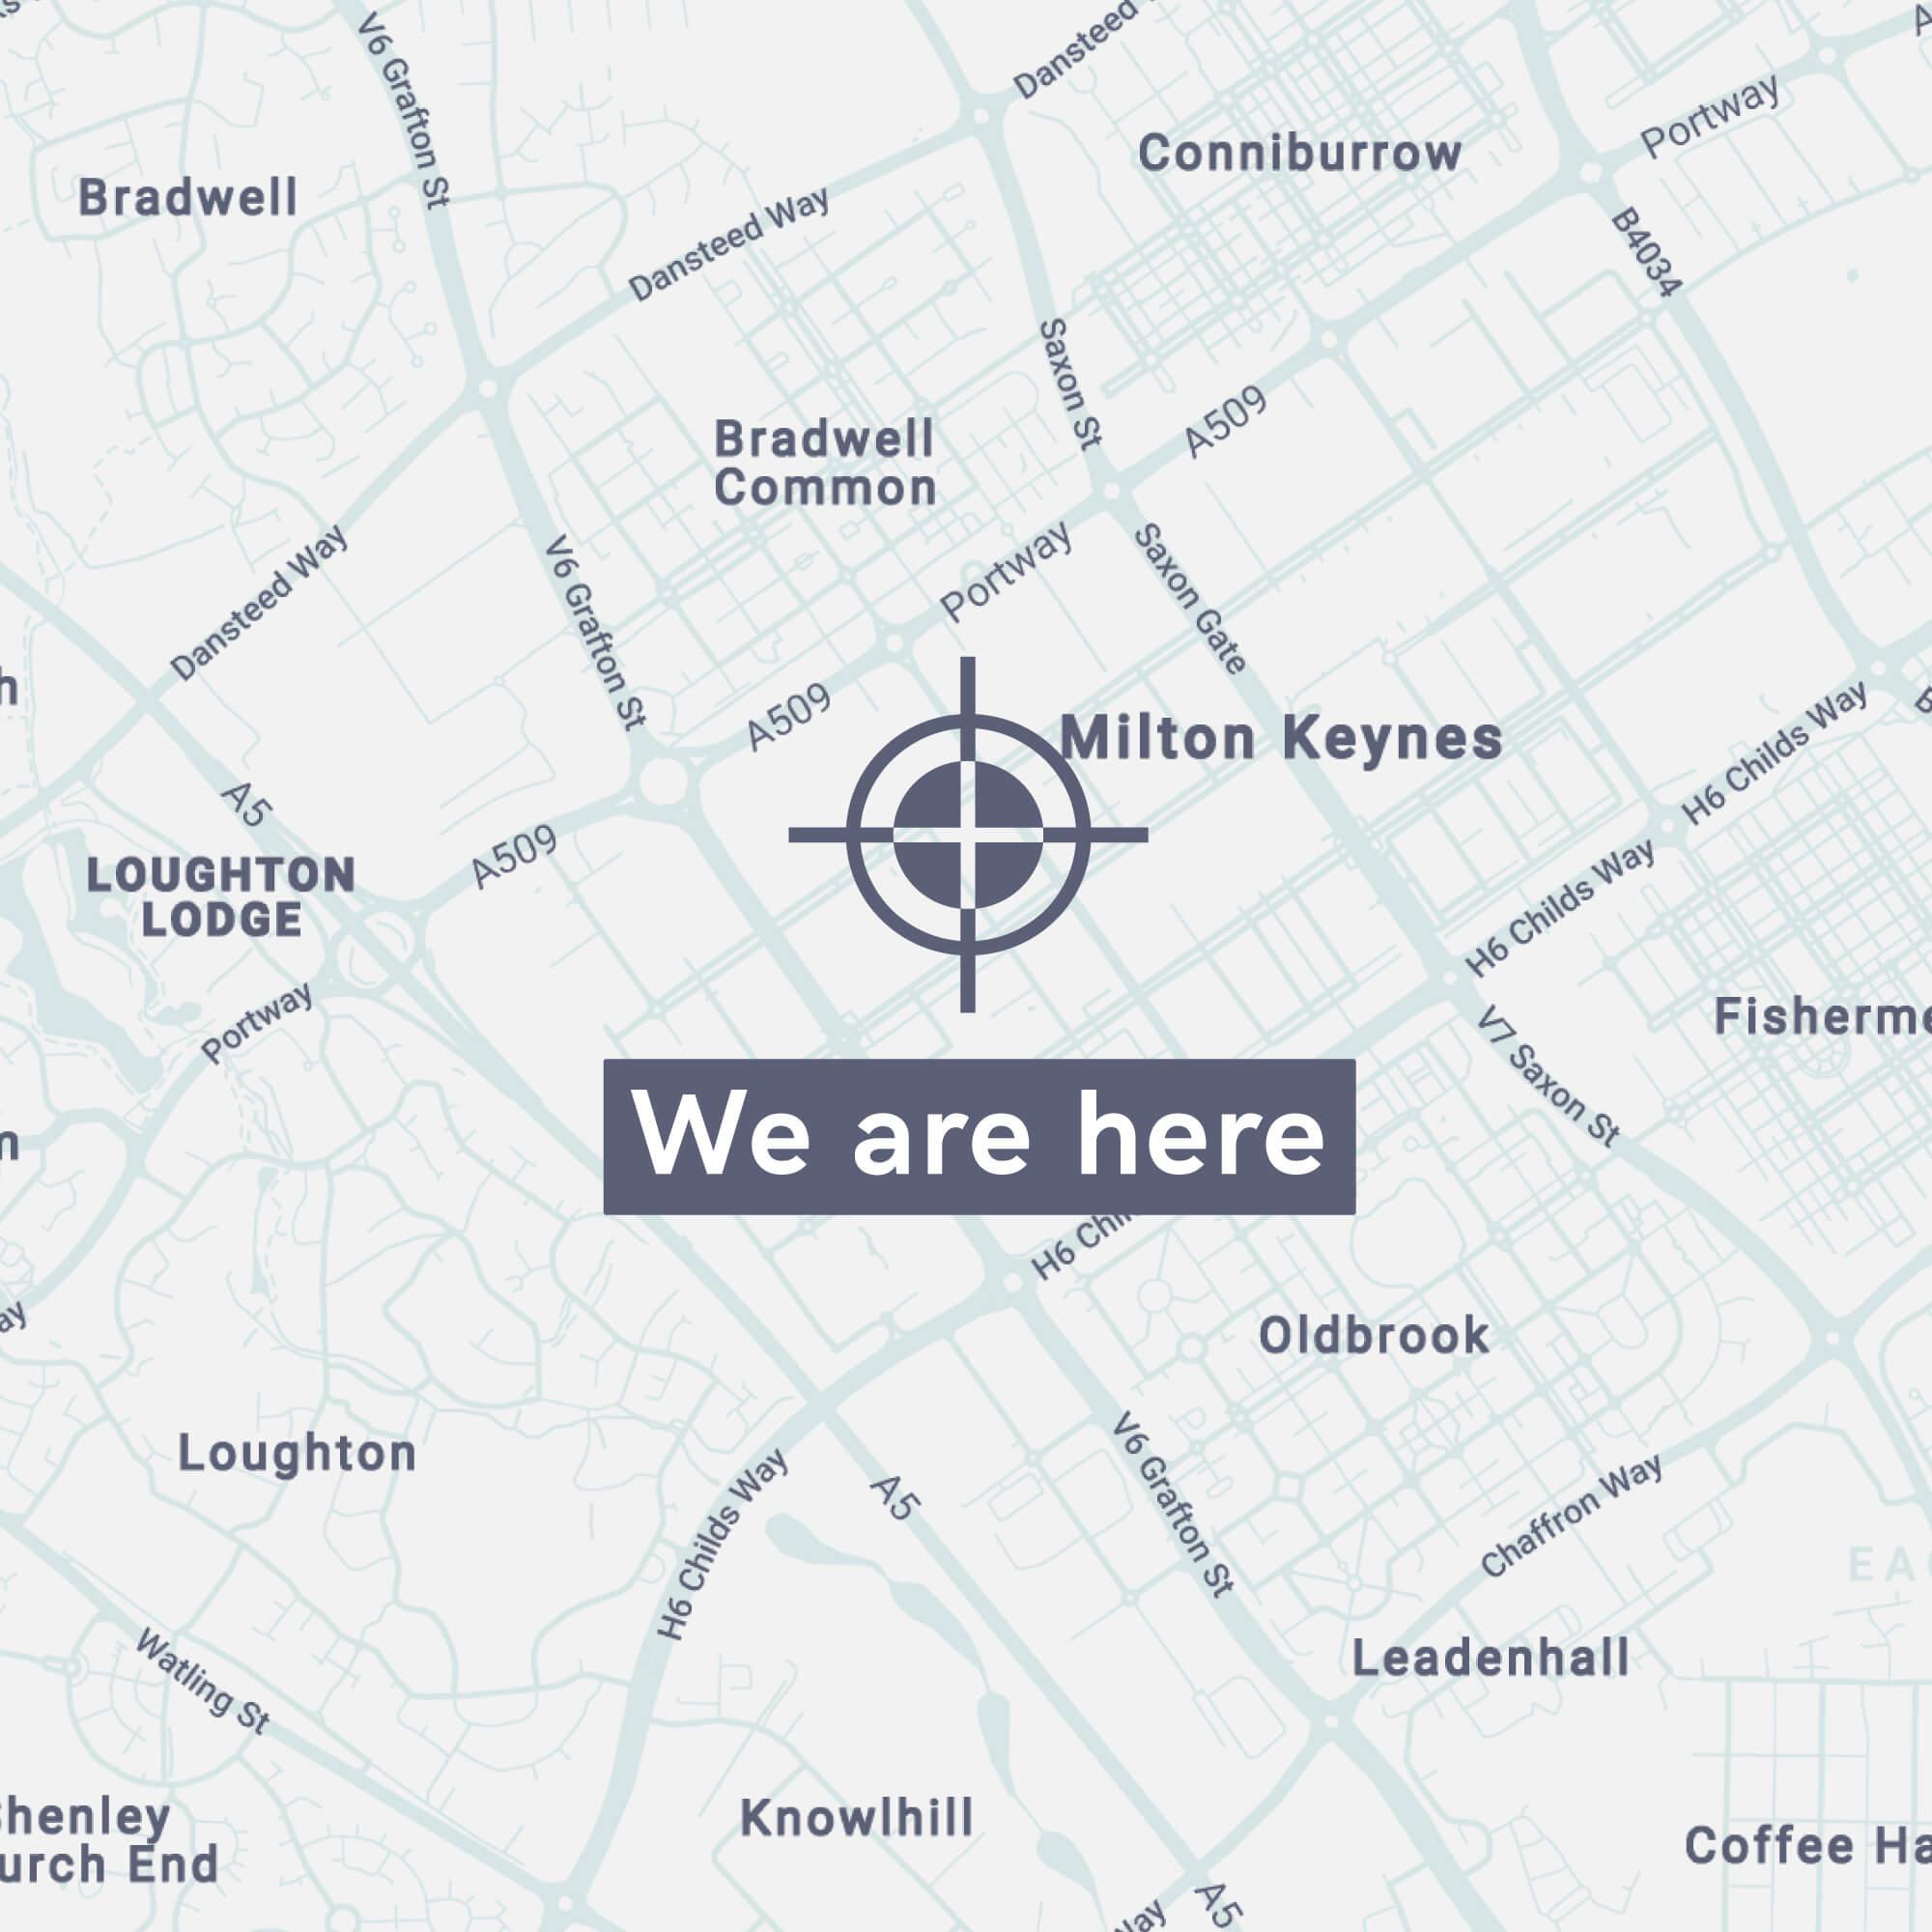 fulltime digital location